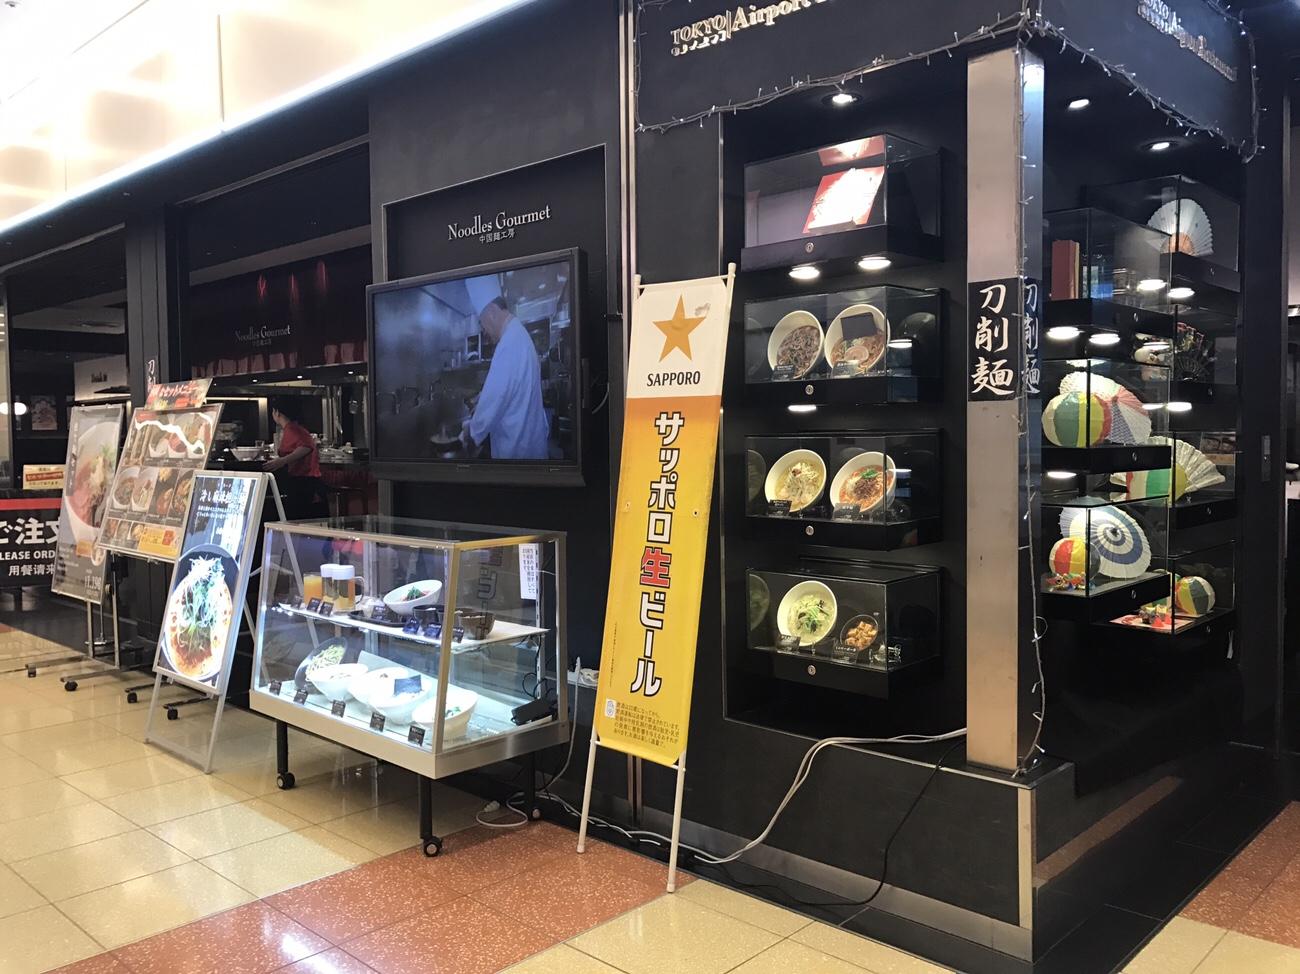 羽田空港第2ターミナルグルメおすすめ刀消麺